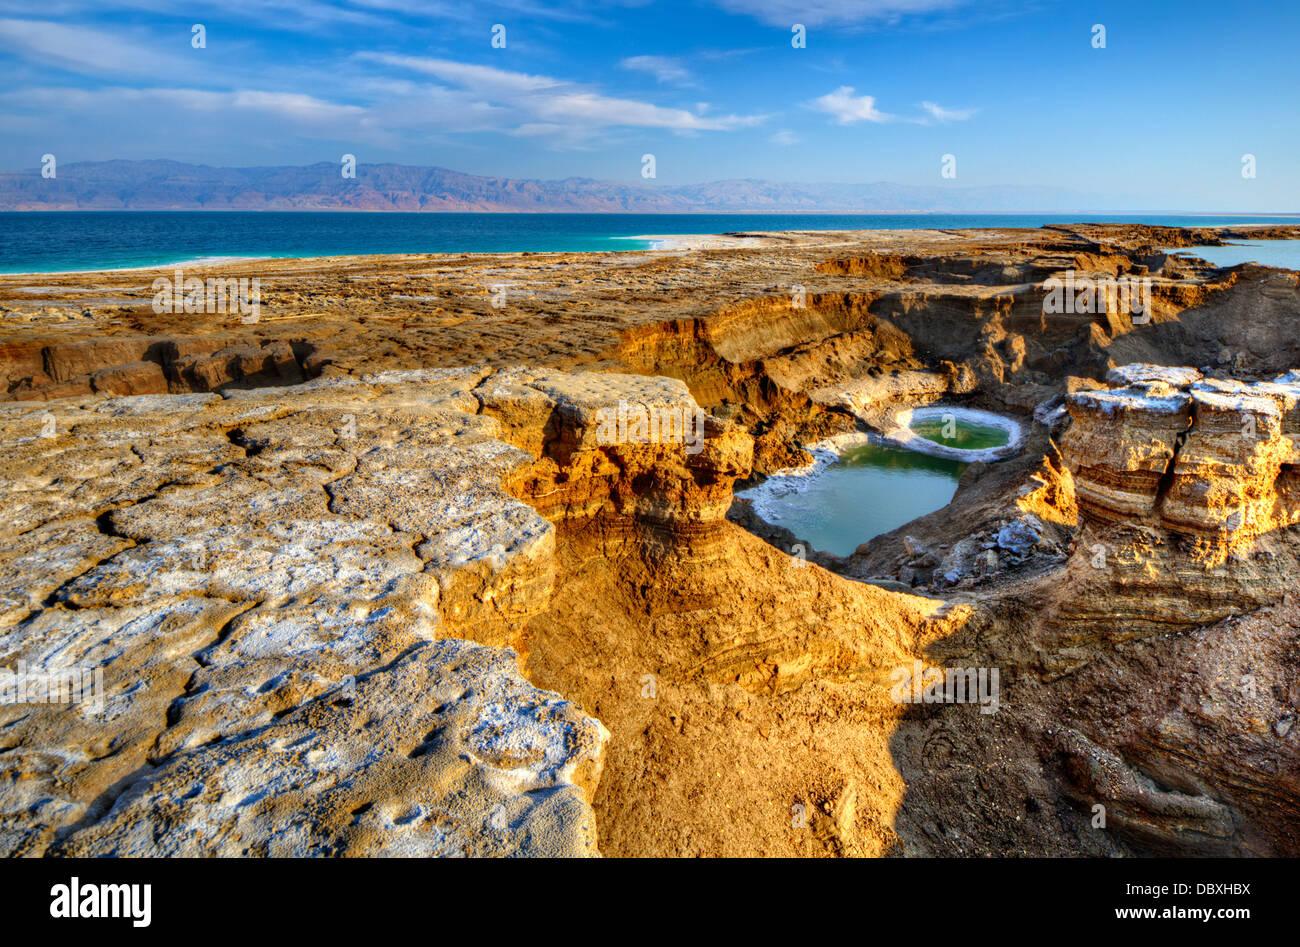 Hundimientos cerca del Mar Muerto en Ein Gedi, Israel. Imagen De Stock